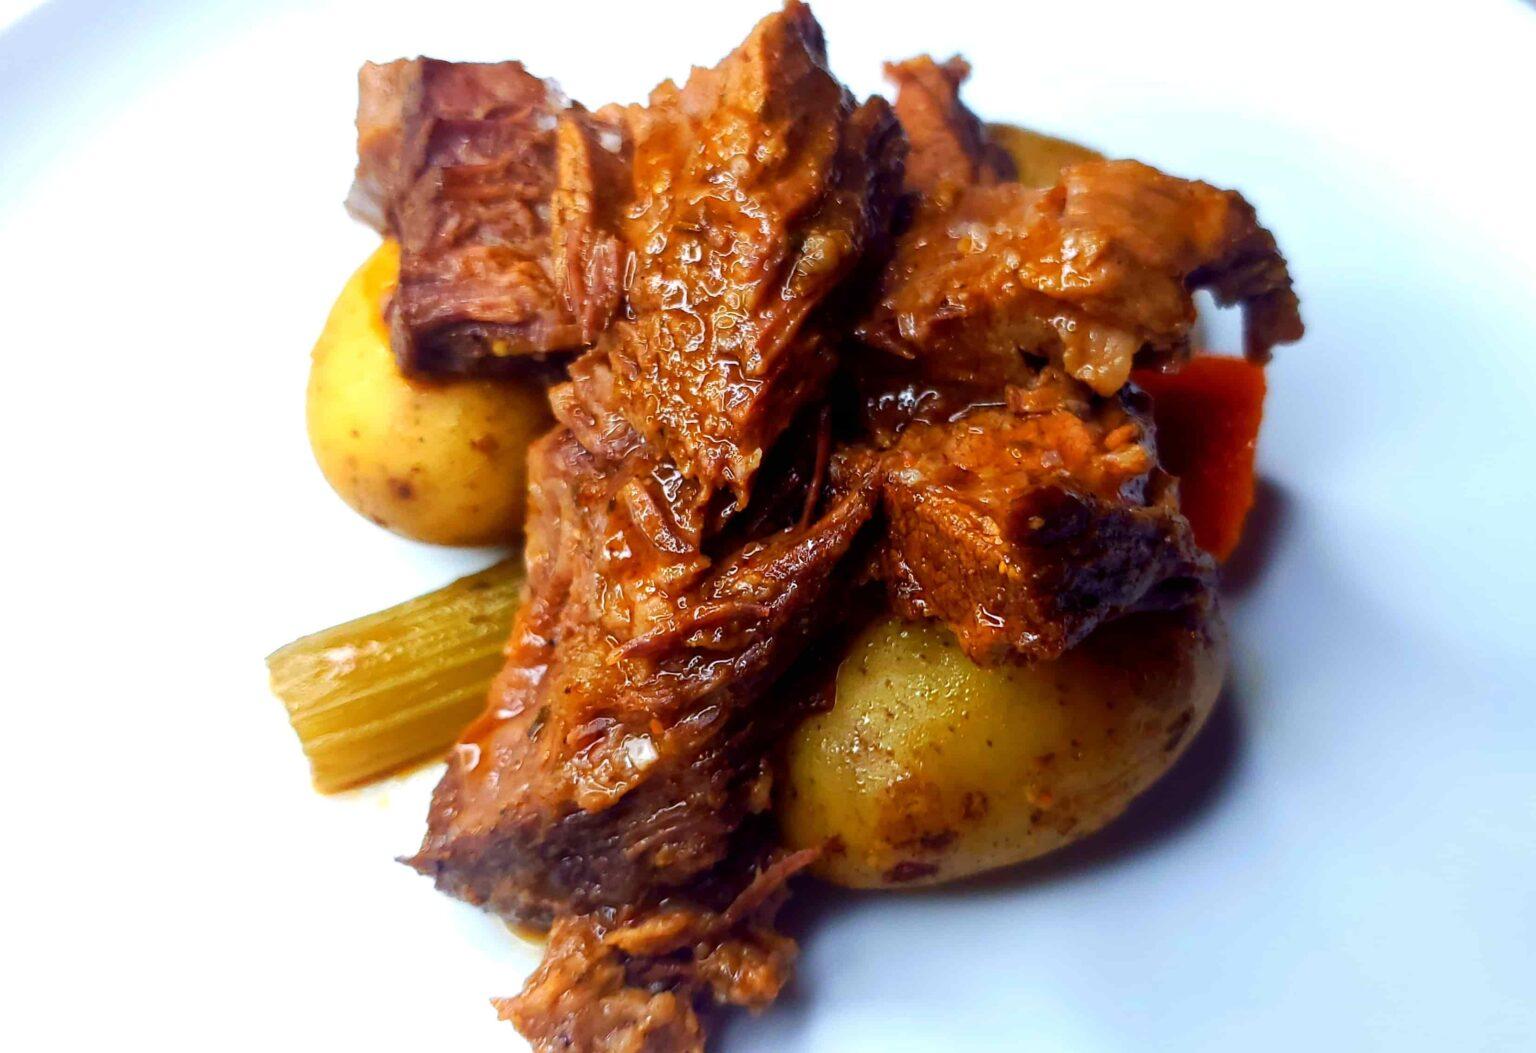 Fancy Pot Roast on a plate